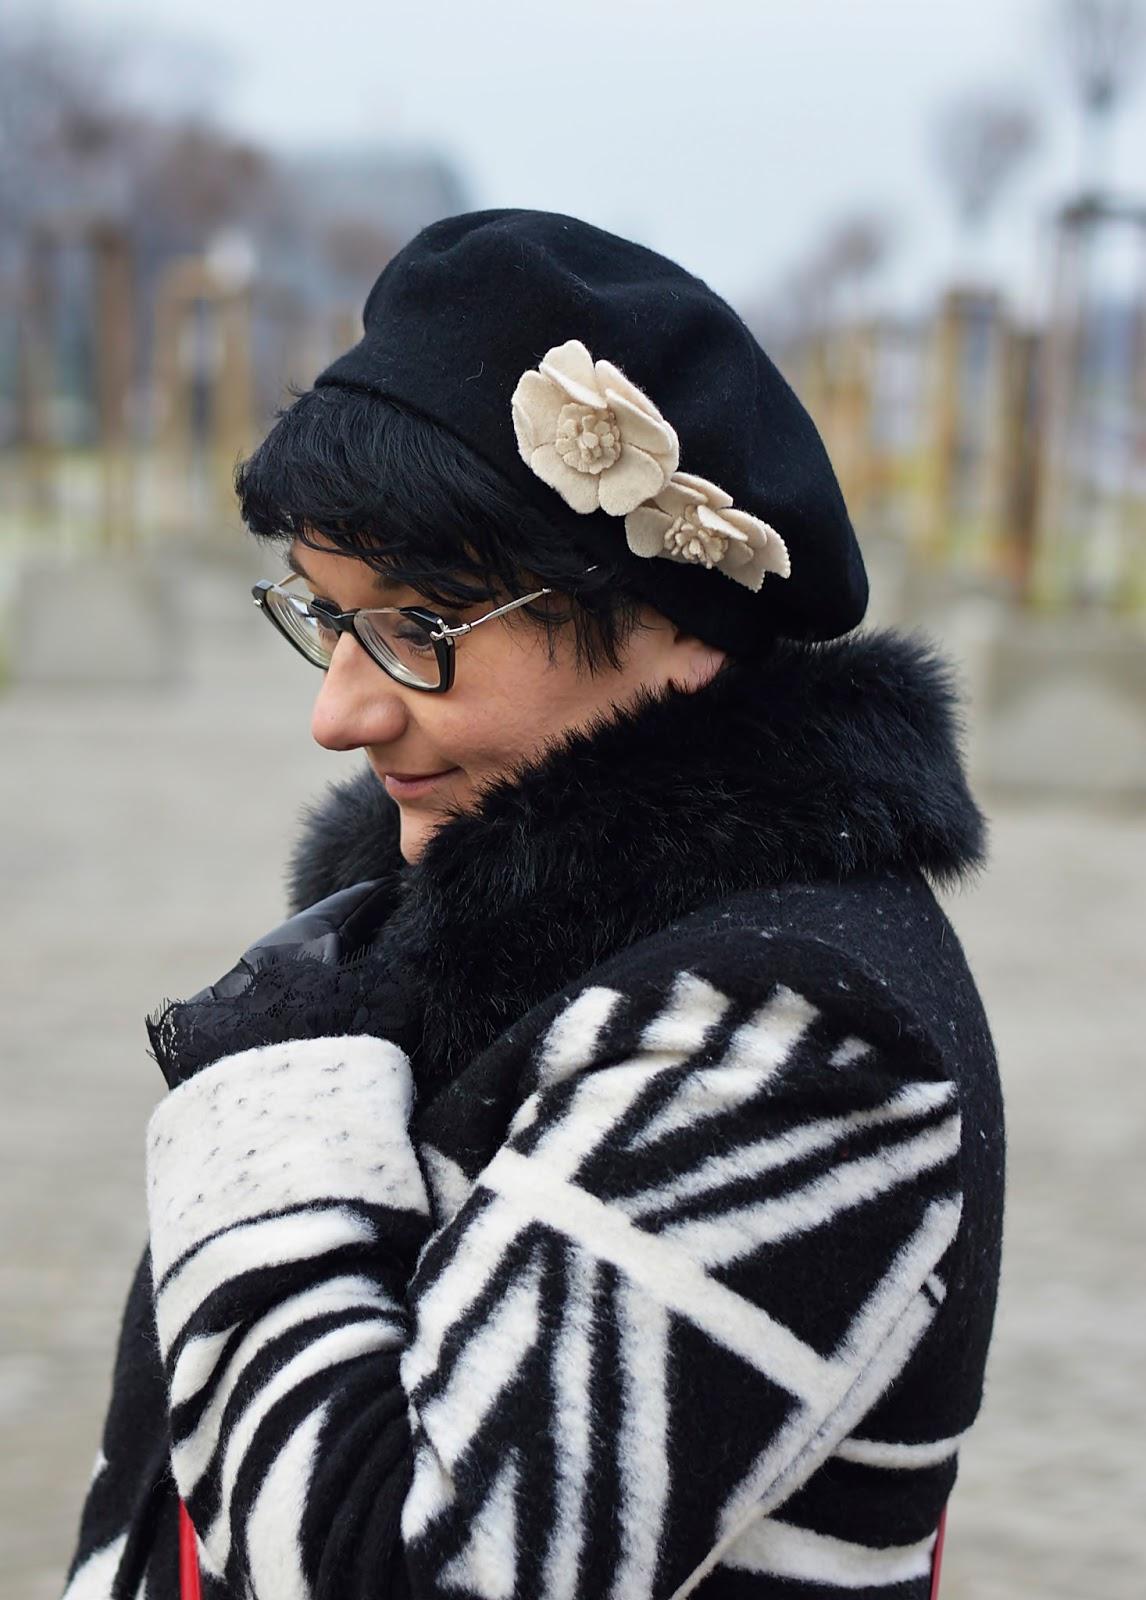 Wełniany beret, beret z kwiatkiem, czarny beret